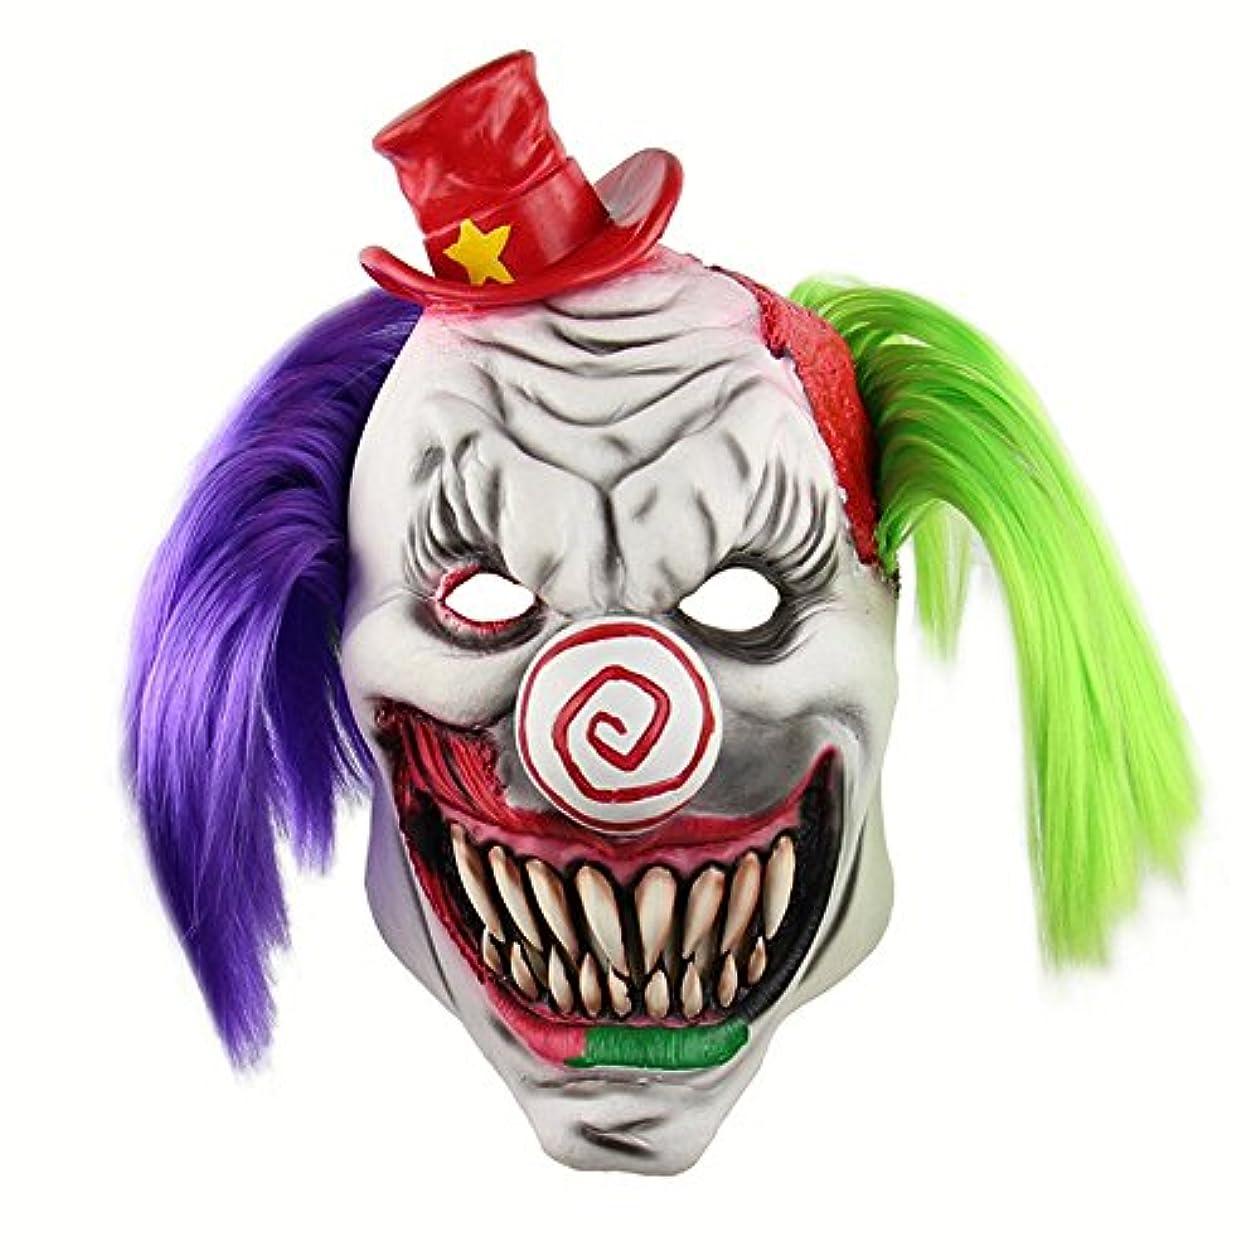 甘くする物理的な義務付けられたホラーレッドハットピエロヘッドギアハロウィーン怖いお化け屋敷部屋脱出ドレスアップライブ面白いマスク